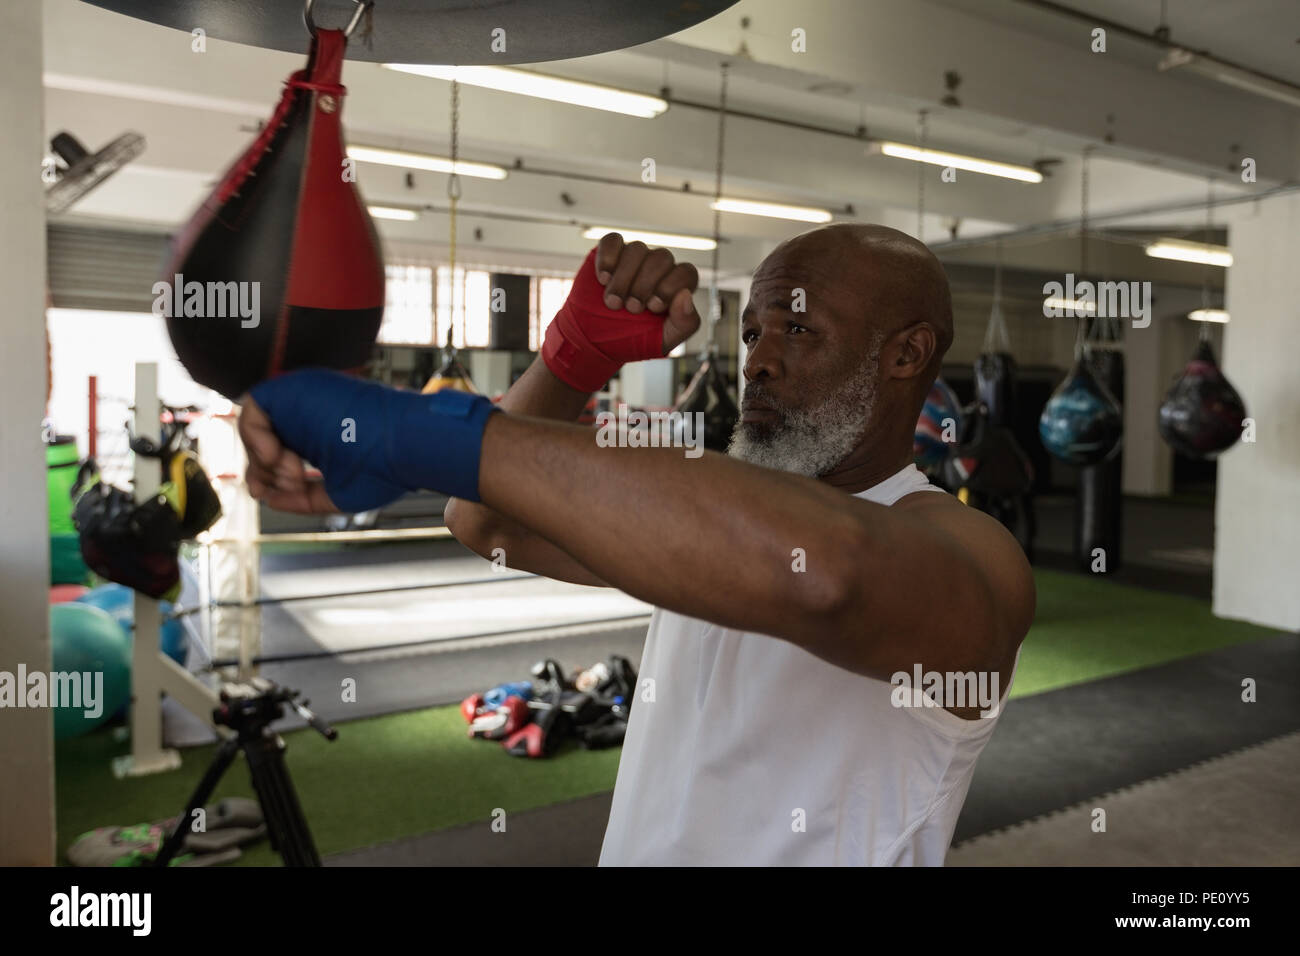 Senior man punching the speed bag - Stock Image